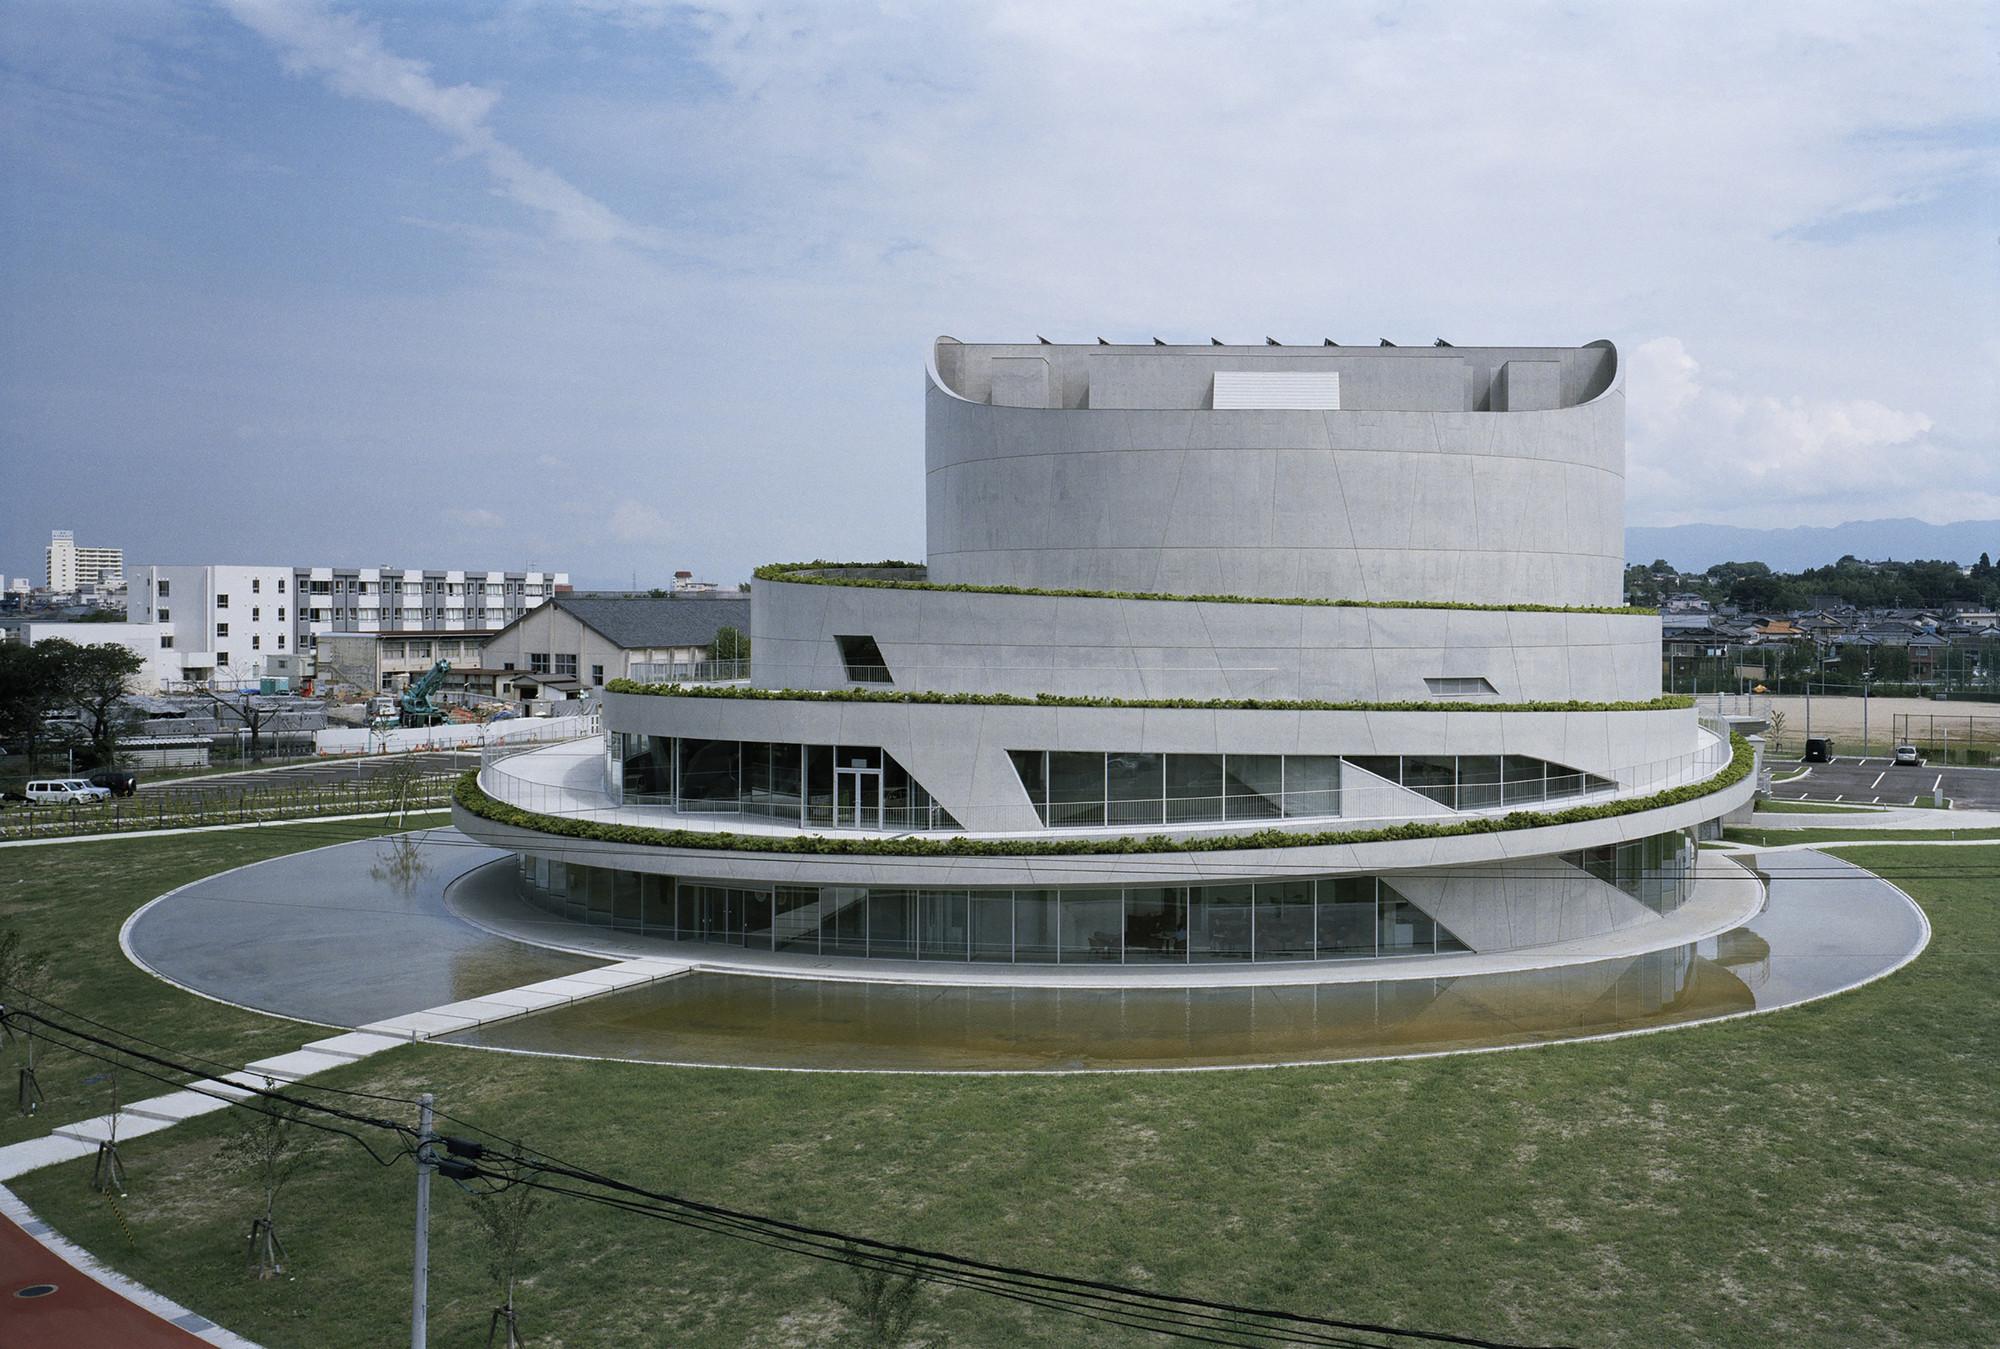 Akiha Ward Cultural Center / Chiaki Arai Urban and Architecture Design, © Taisuke Ogawa